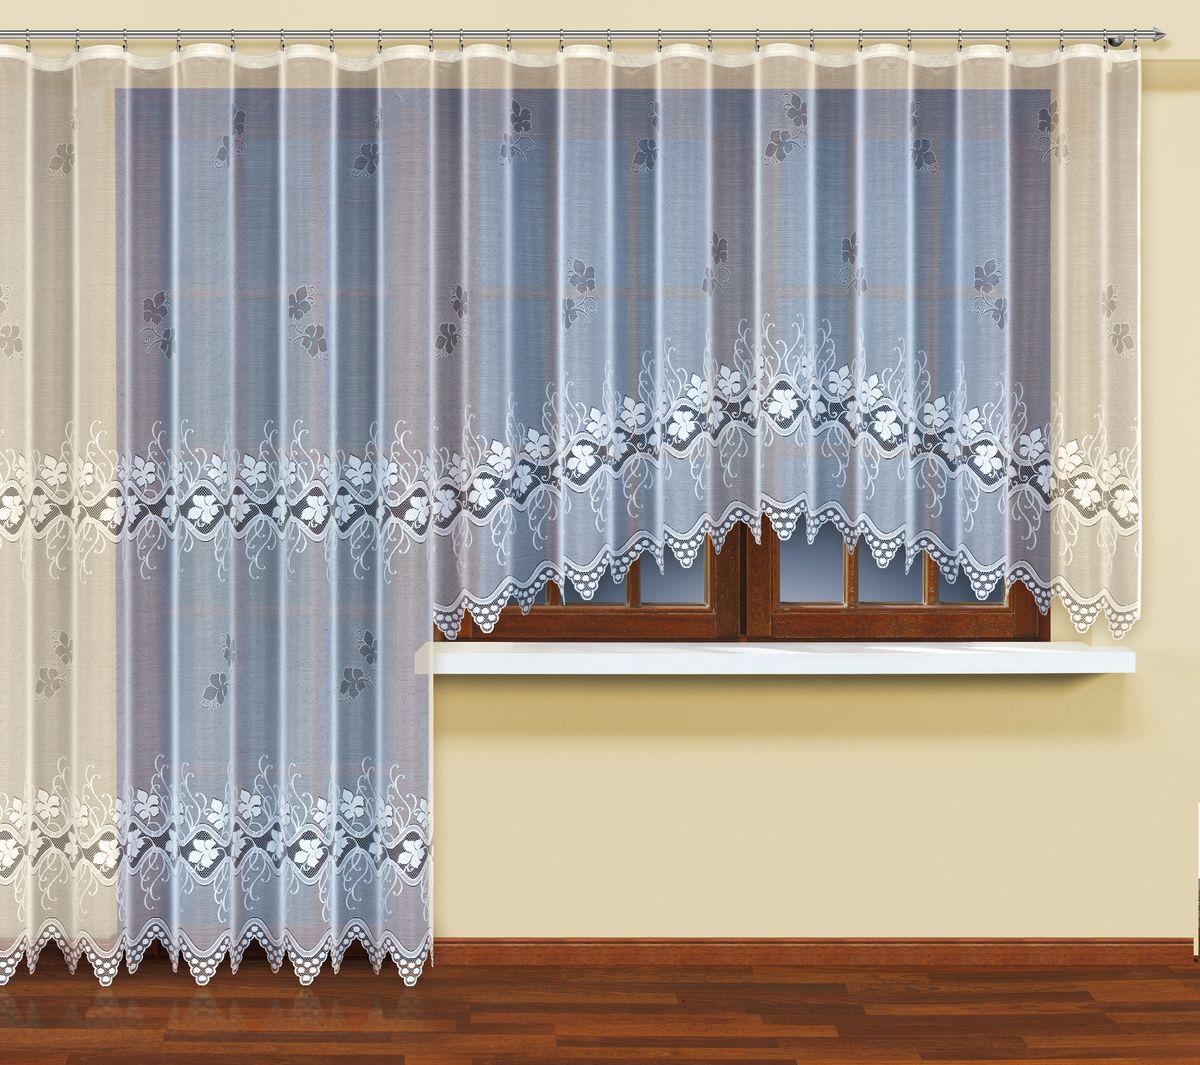 Комплект балконный HAFT 400*160+200*250. 222571222571Комплект балконный XAFT 400*160+200*250. 222571Материал: 100% п/э, размер: 400*160+200*250, цвет: белый